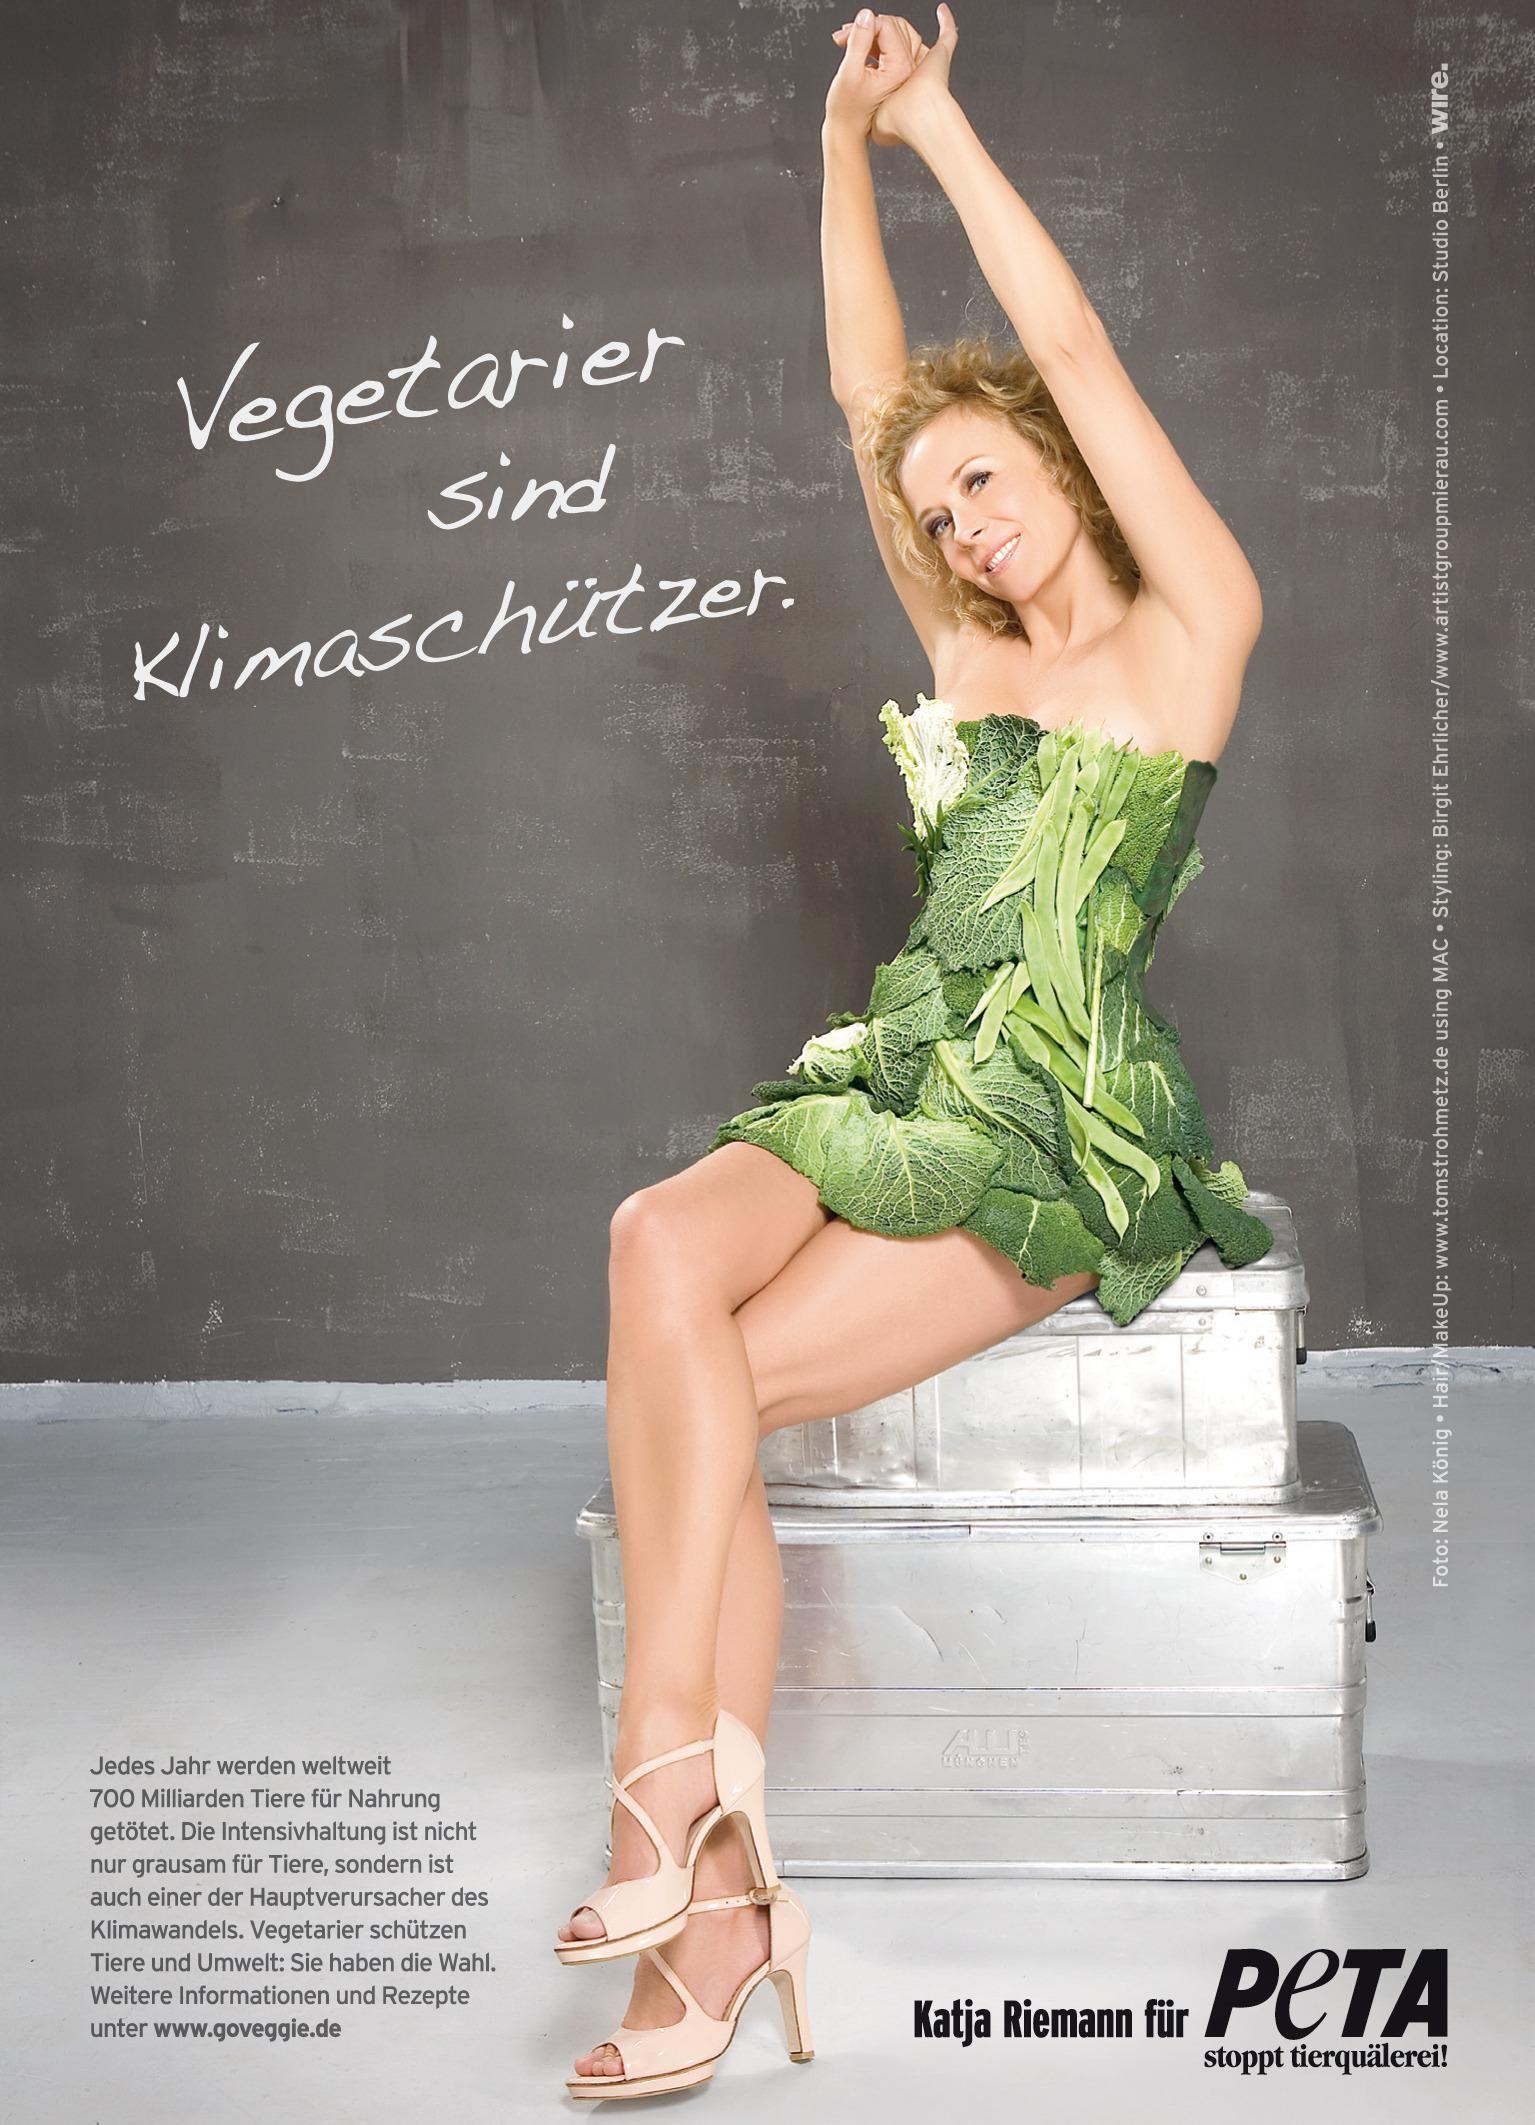 Katja Riemanns Feet